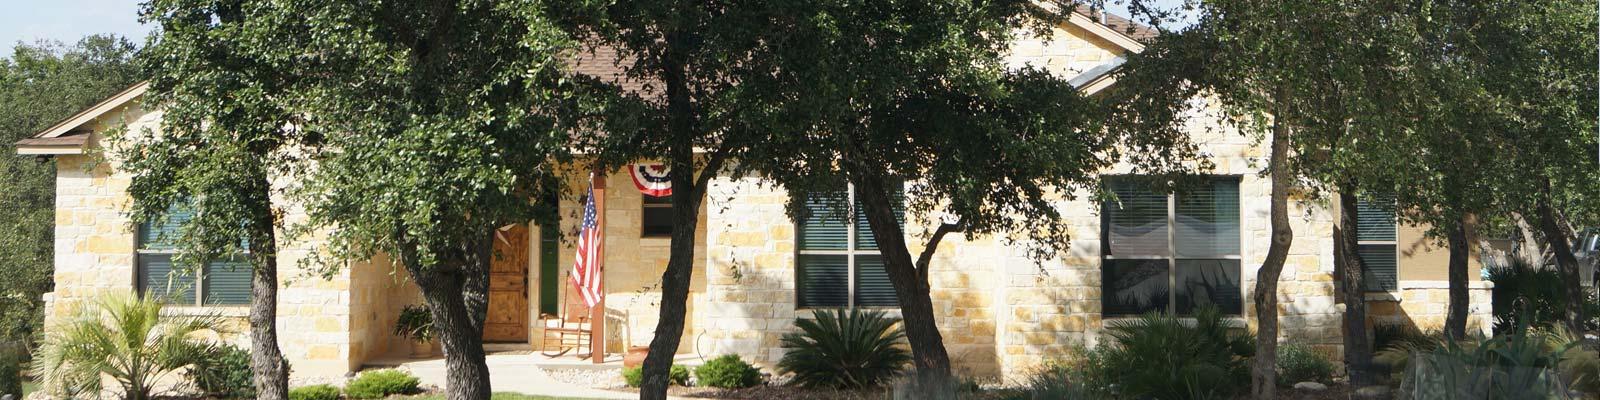 Eden Ranch | New Braunfels TX